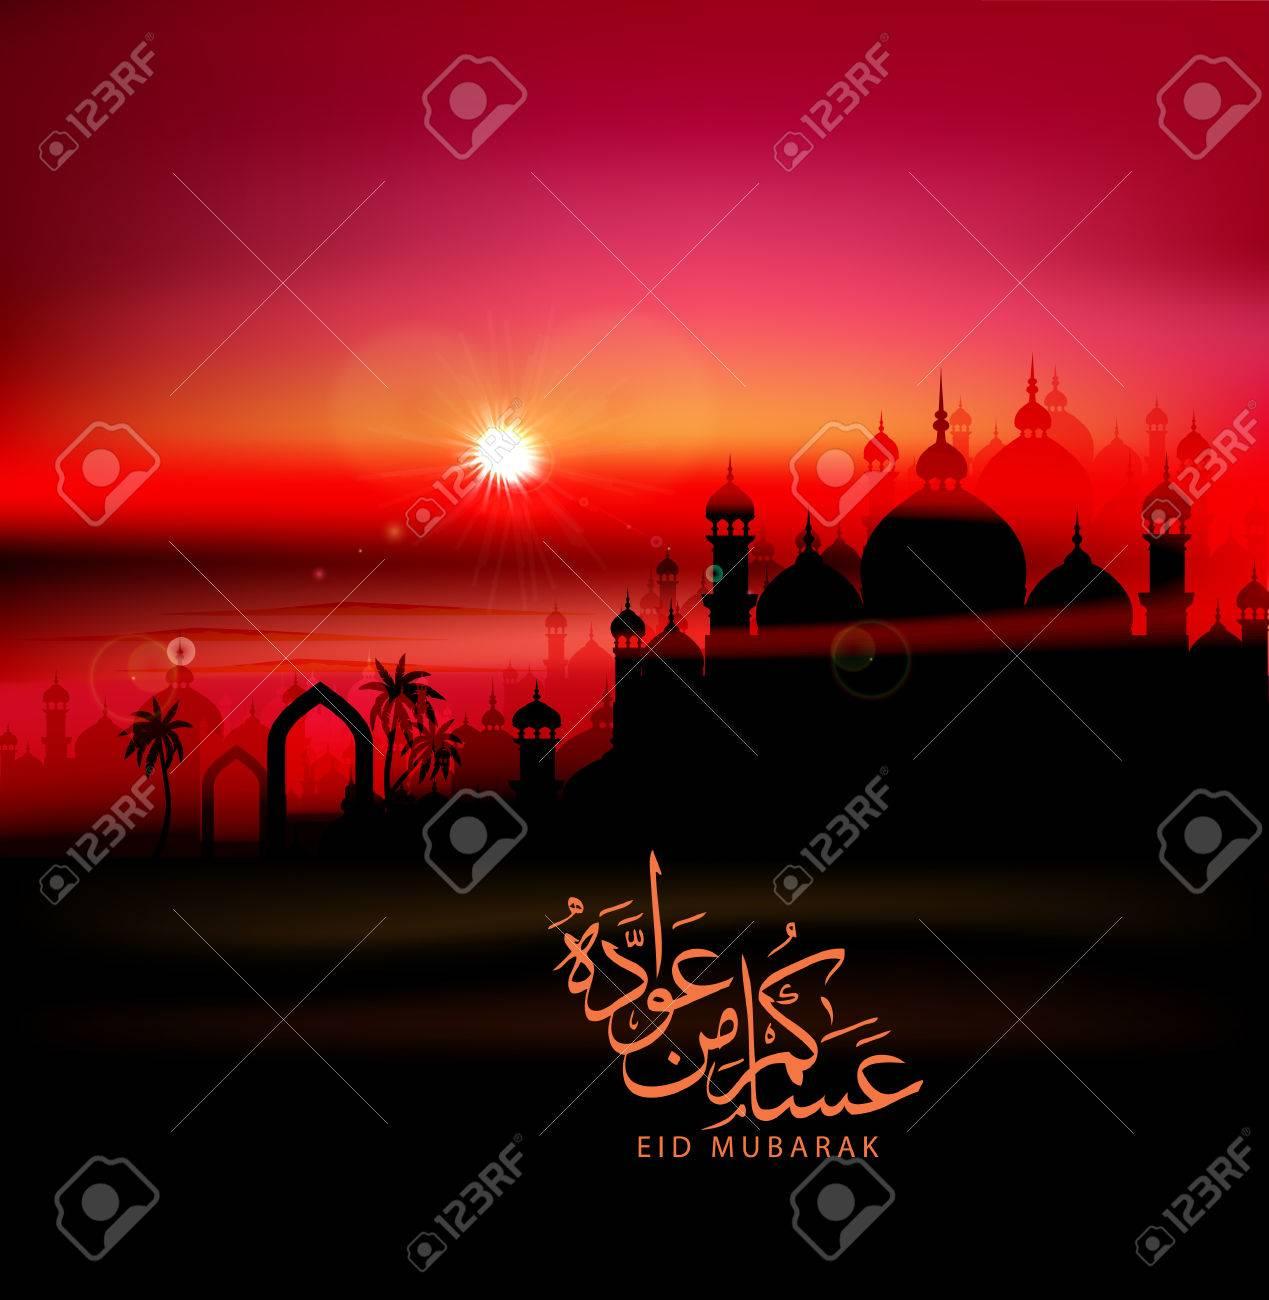 Cool Hijri Eid Al-Fitr Greeting - 65676344--eid-mubarak-greeting-card-islamic-background-for-muslims-holidays-such-as-eid-al-fitr-eid-al-adha-a  You Should Have_13996 .jpg